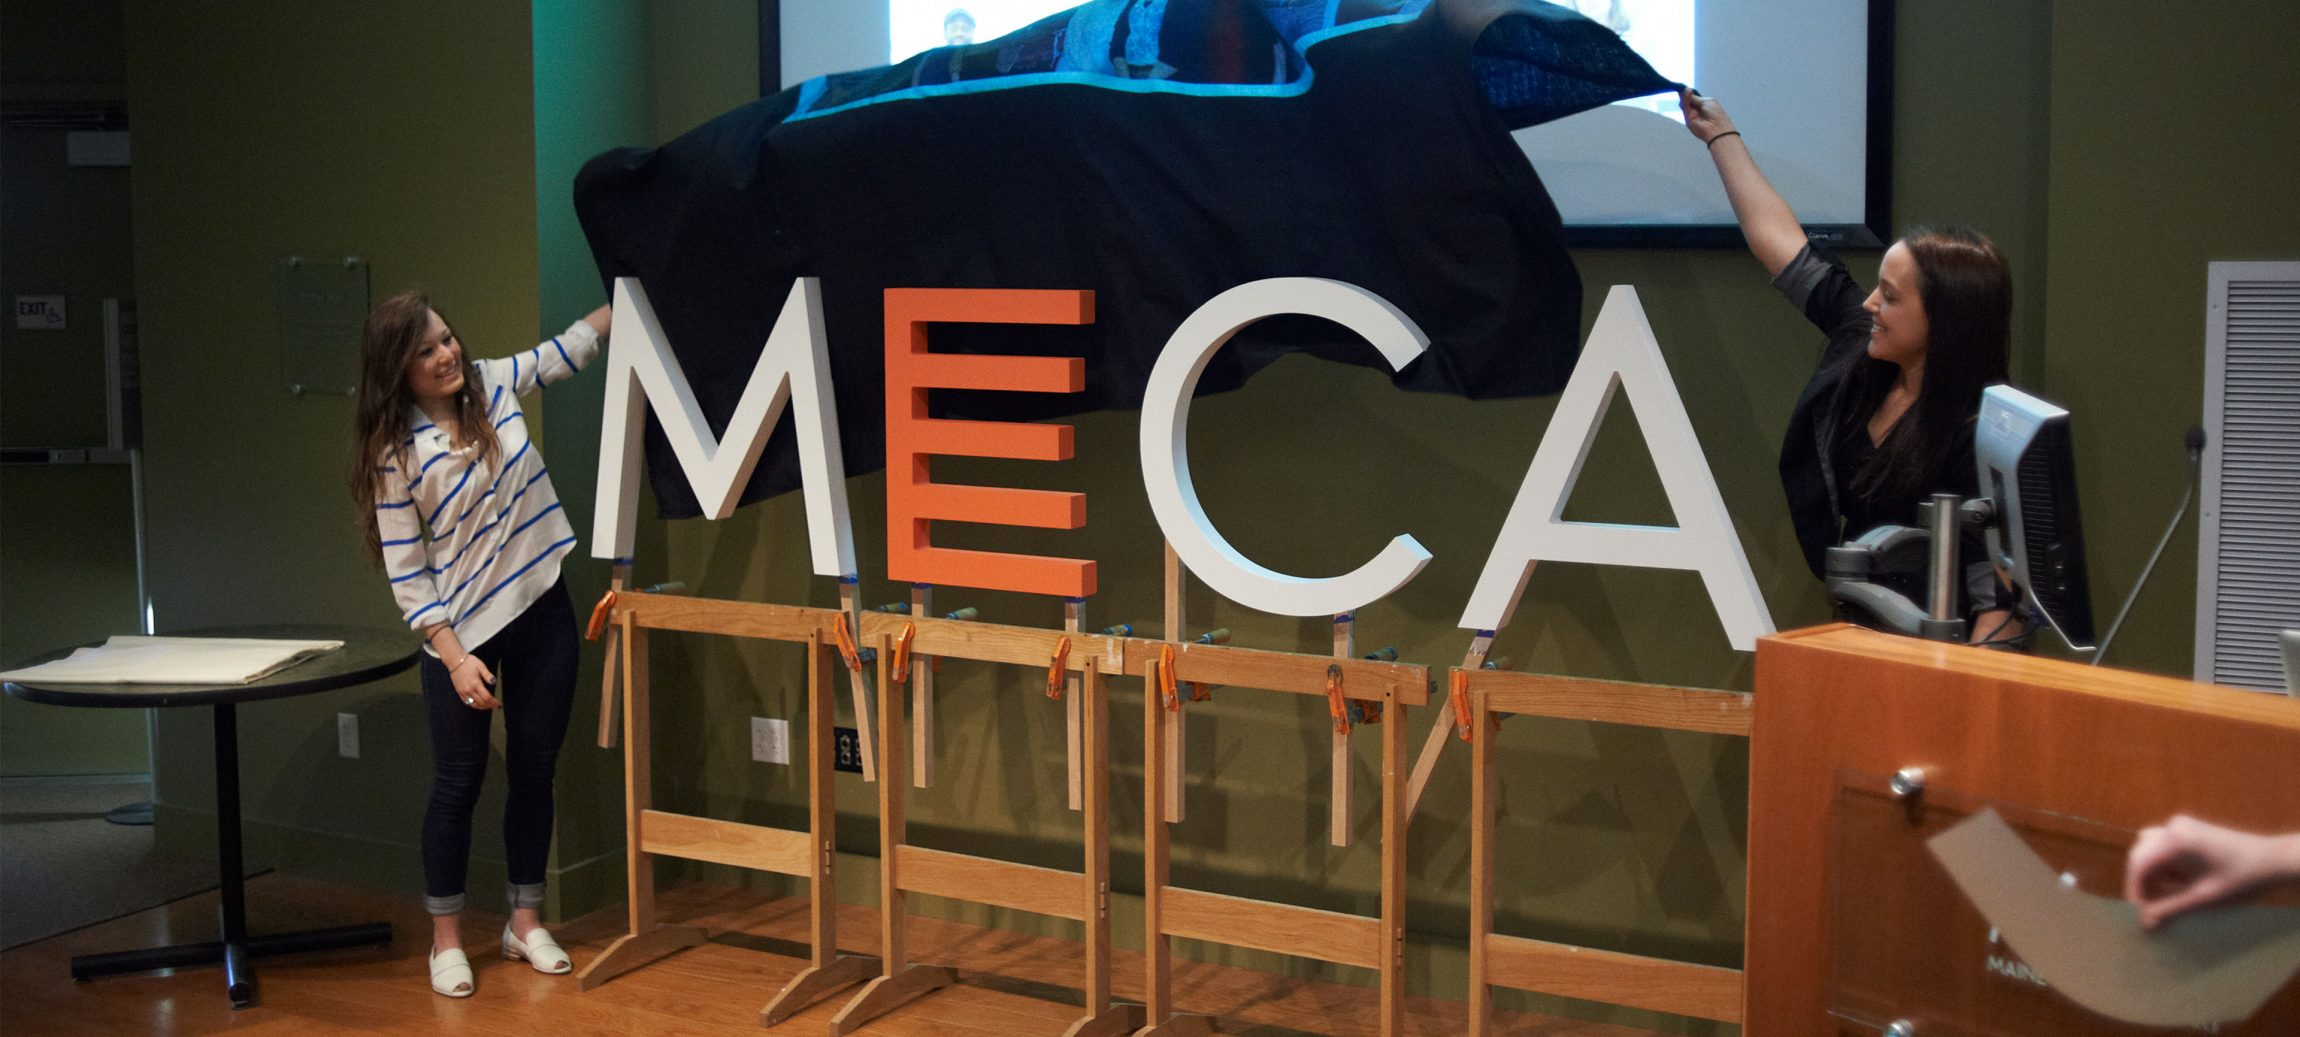 MECA Logo + Media image